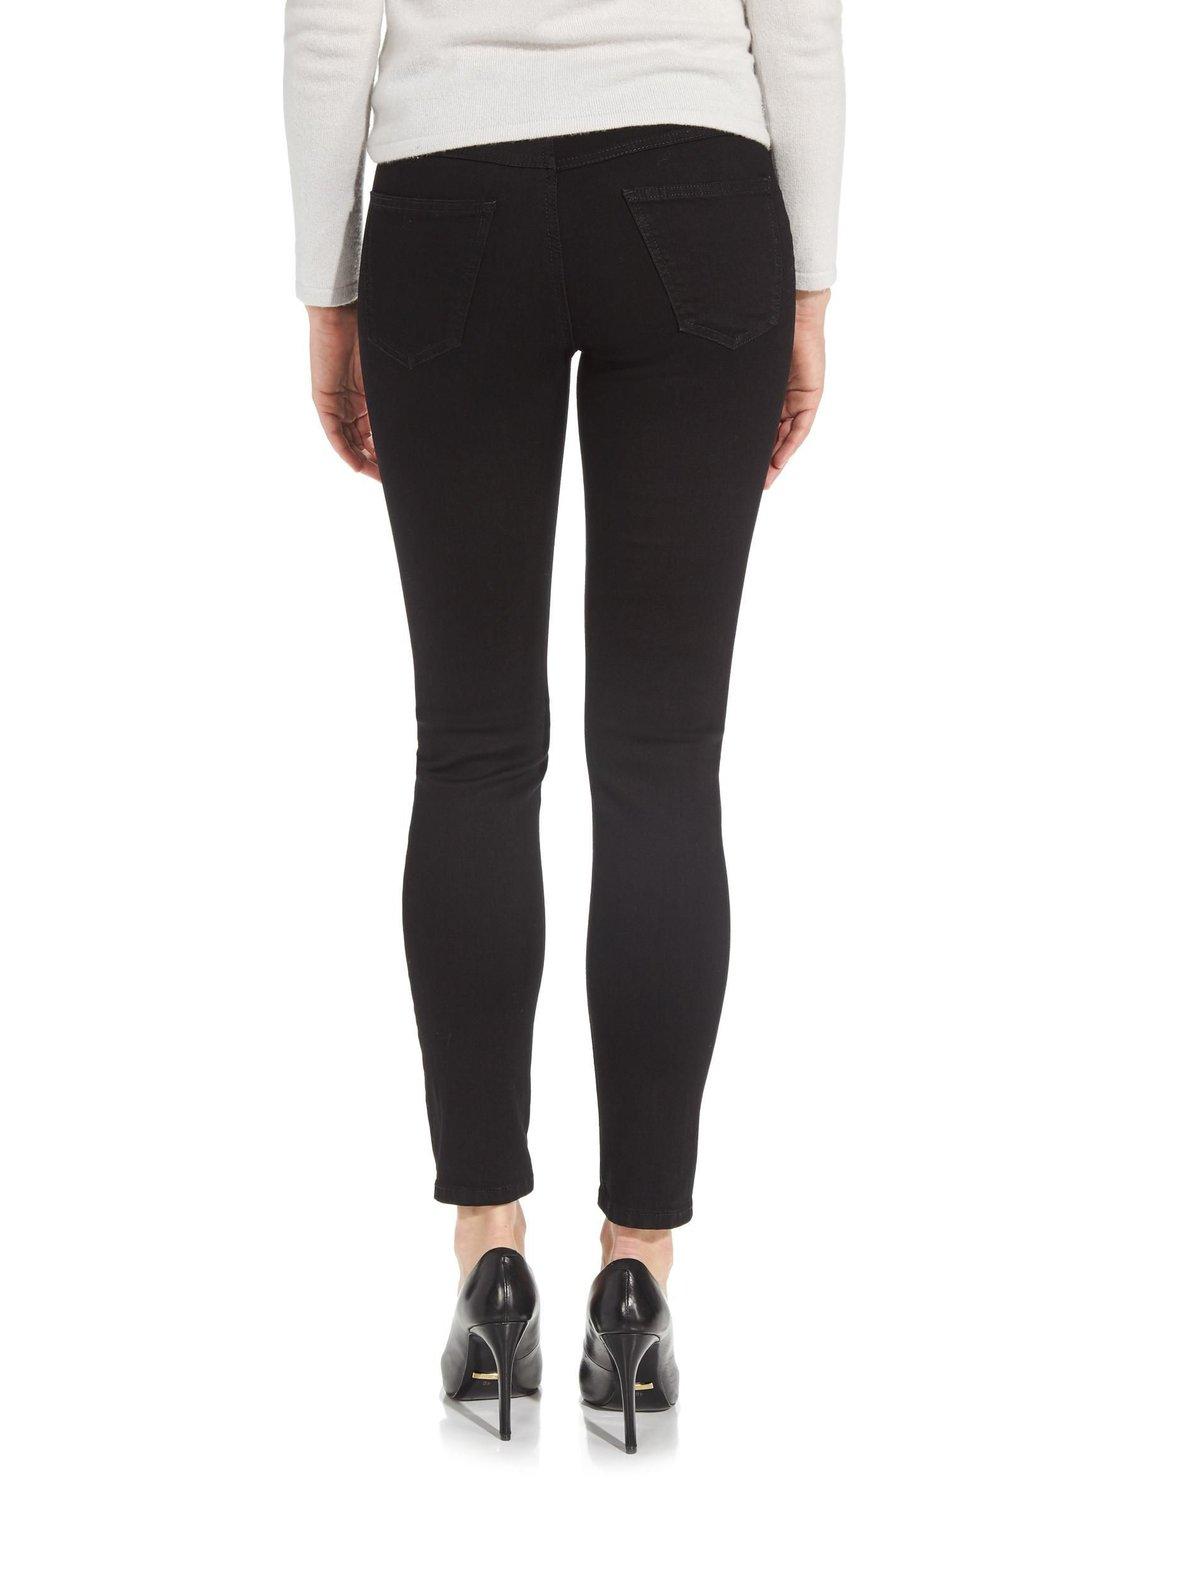 Black (musta) Very Nice Suzie Skinny Super Stretch -farkut 219-7216 ... 85c3a6a8c5